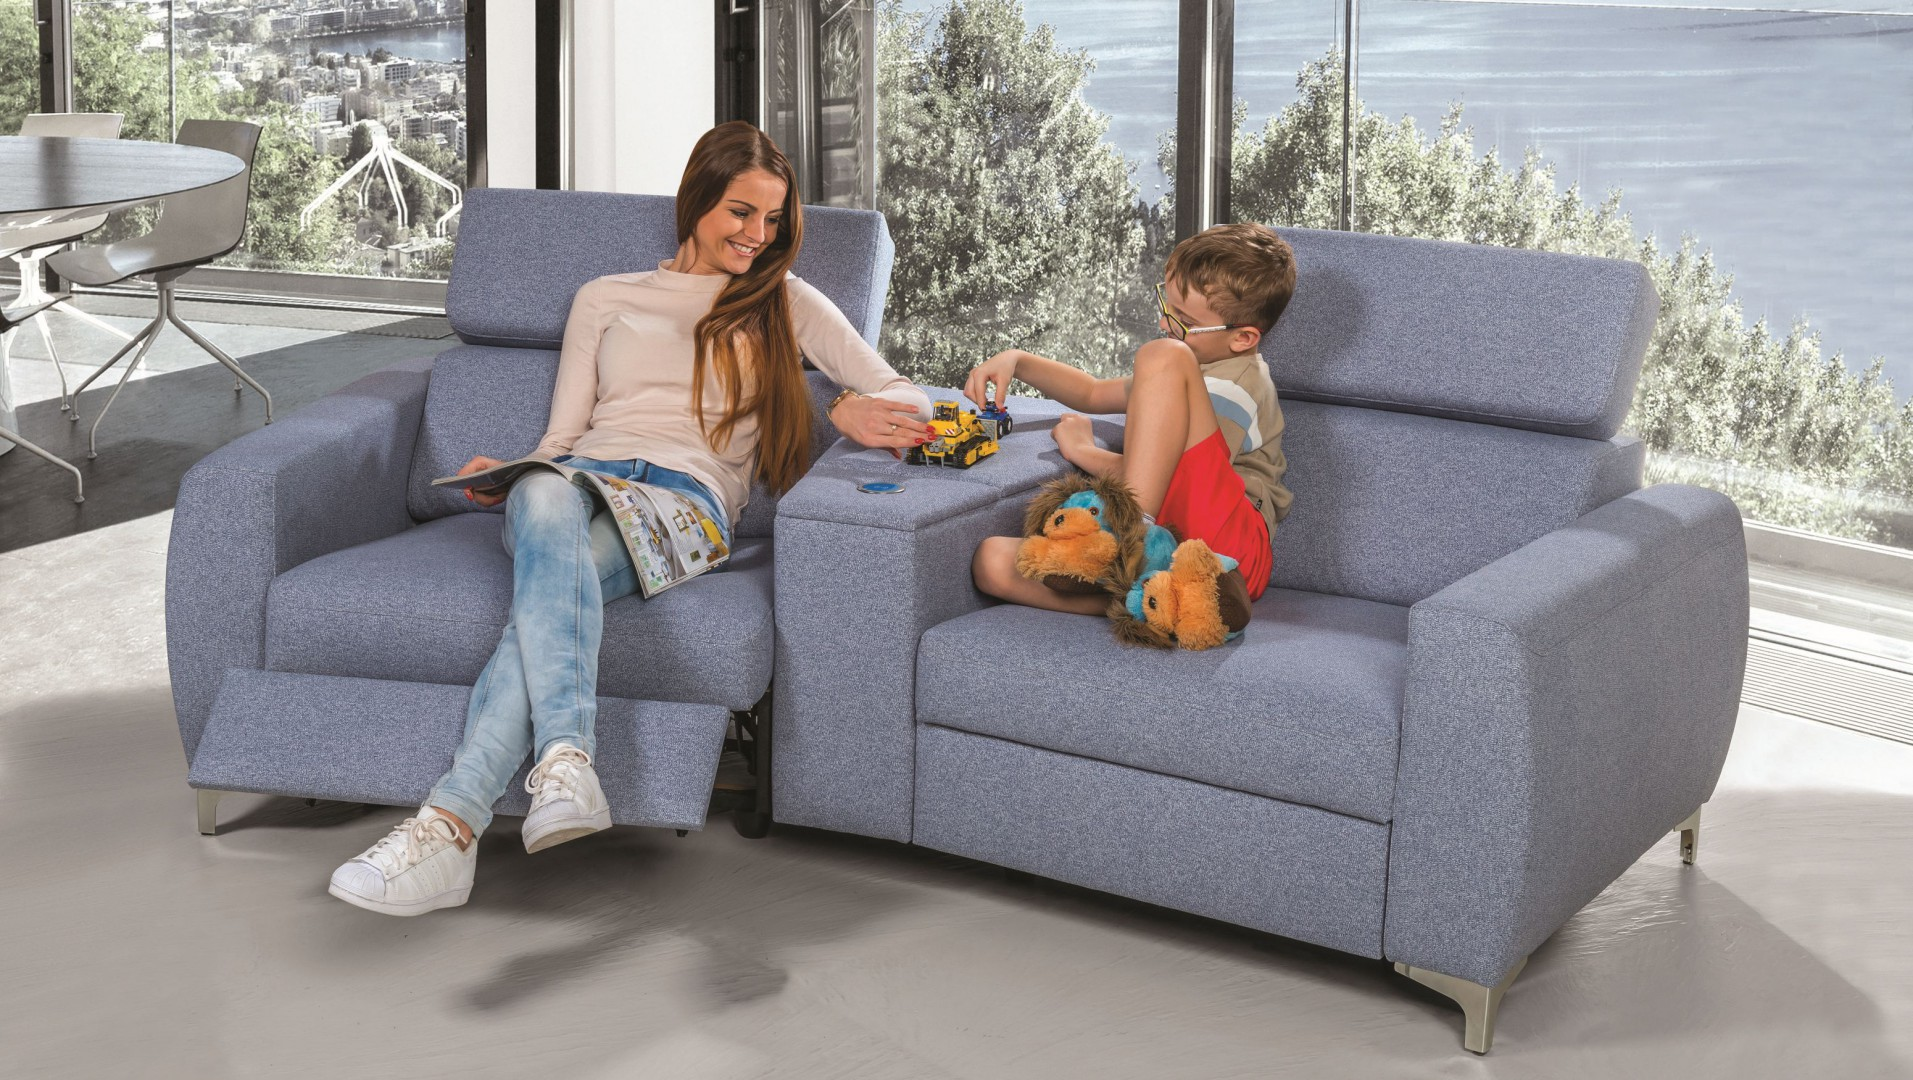 Zestaw Spoleto firmy Meblomak. Siedzisko wyposażone jest w funkcję relaks z napędem elektrycznym. Za pomocą sensorów dyskretnie schowanych pomiędzy siedziskiem a bokiem następuje płynna regulacja siedziska, podnóżka oraz oparcia. Fot. Meblomak